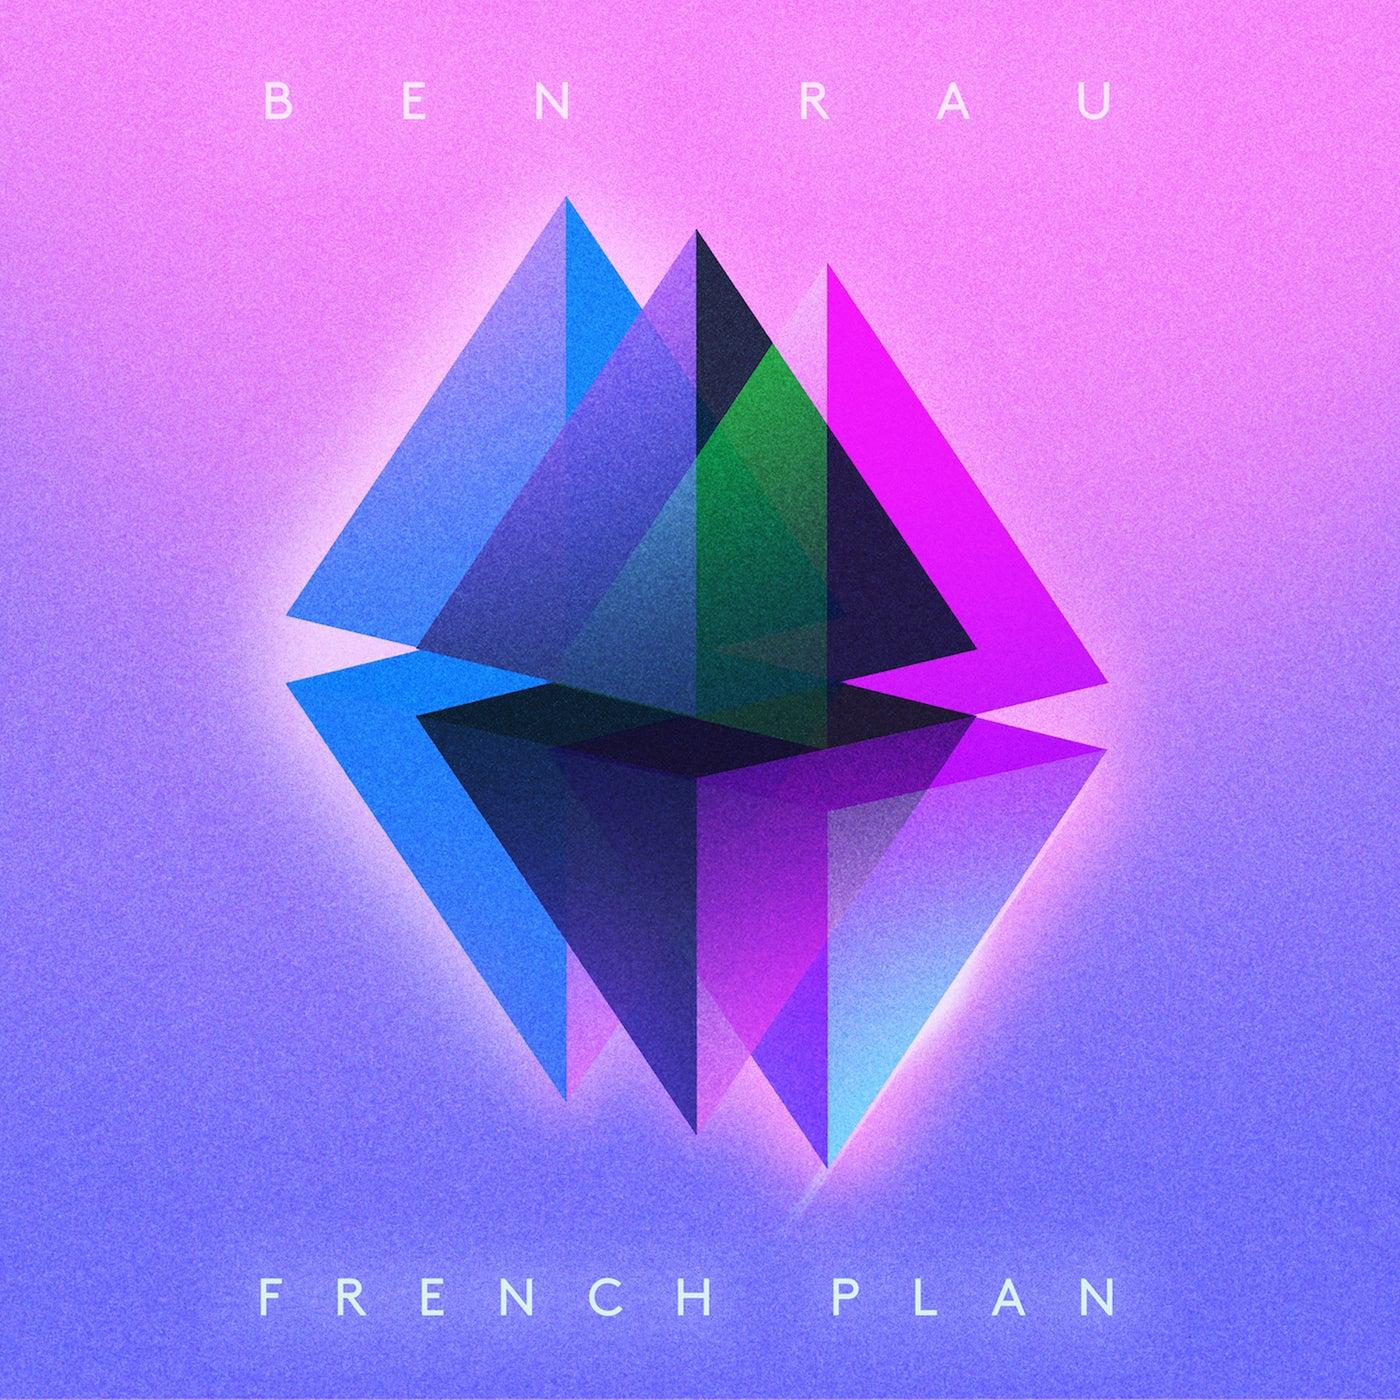 French Plan (Original Mix)